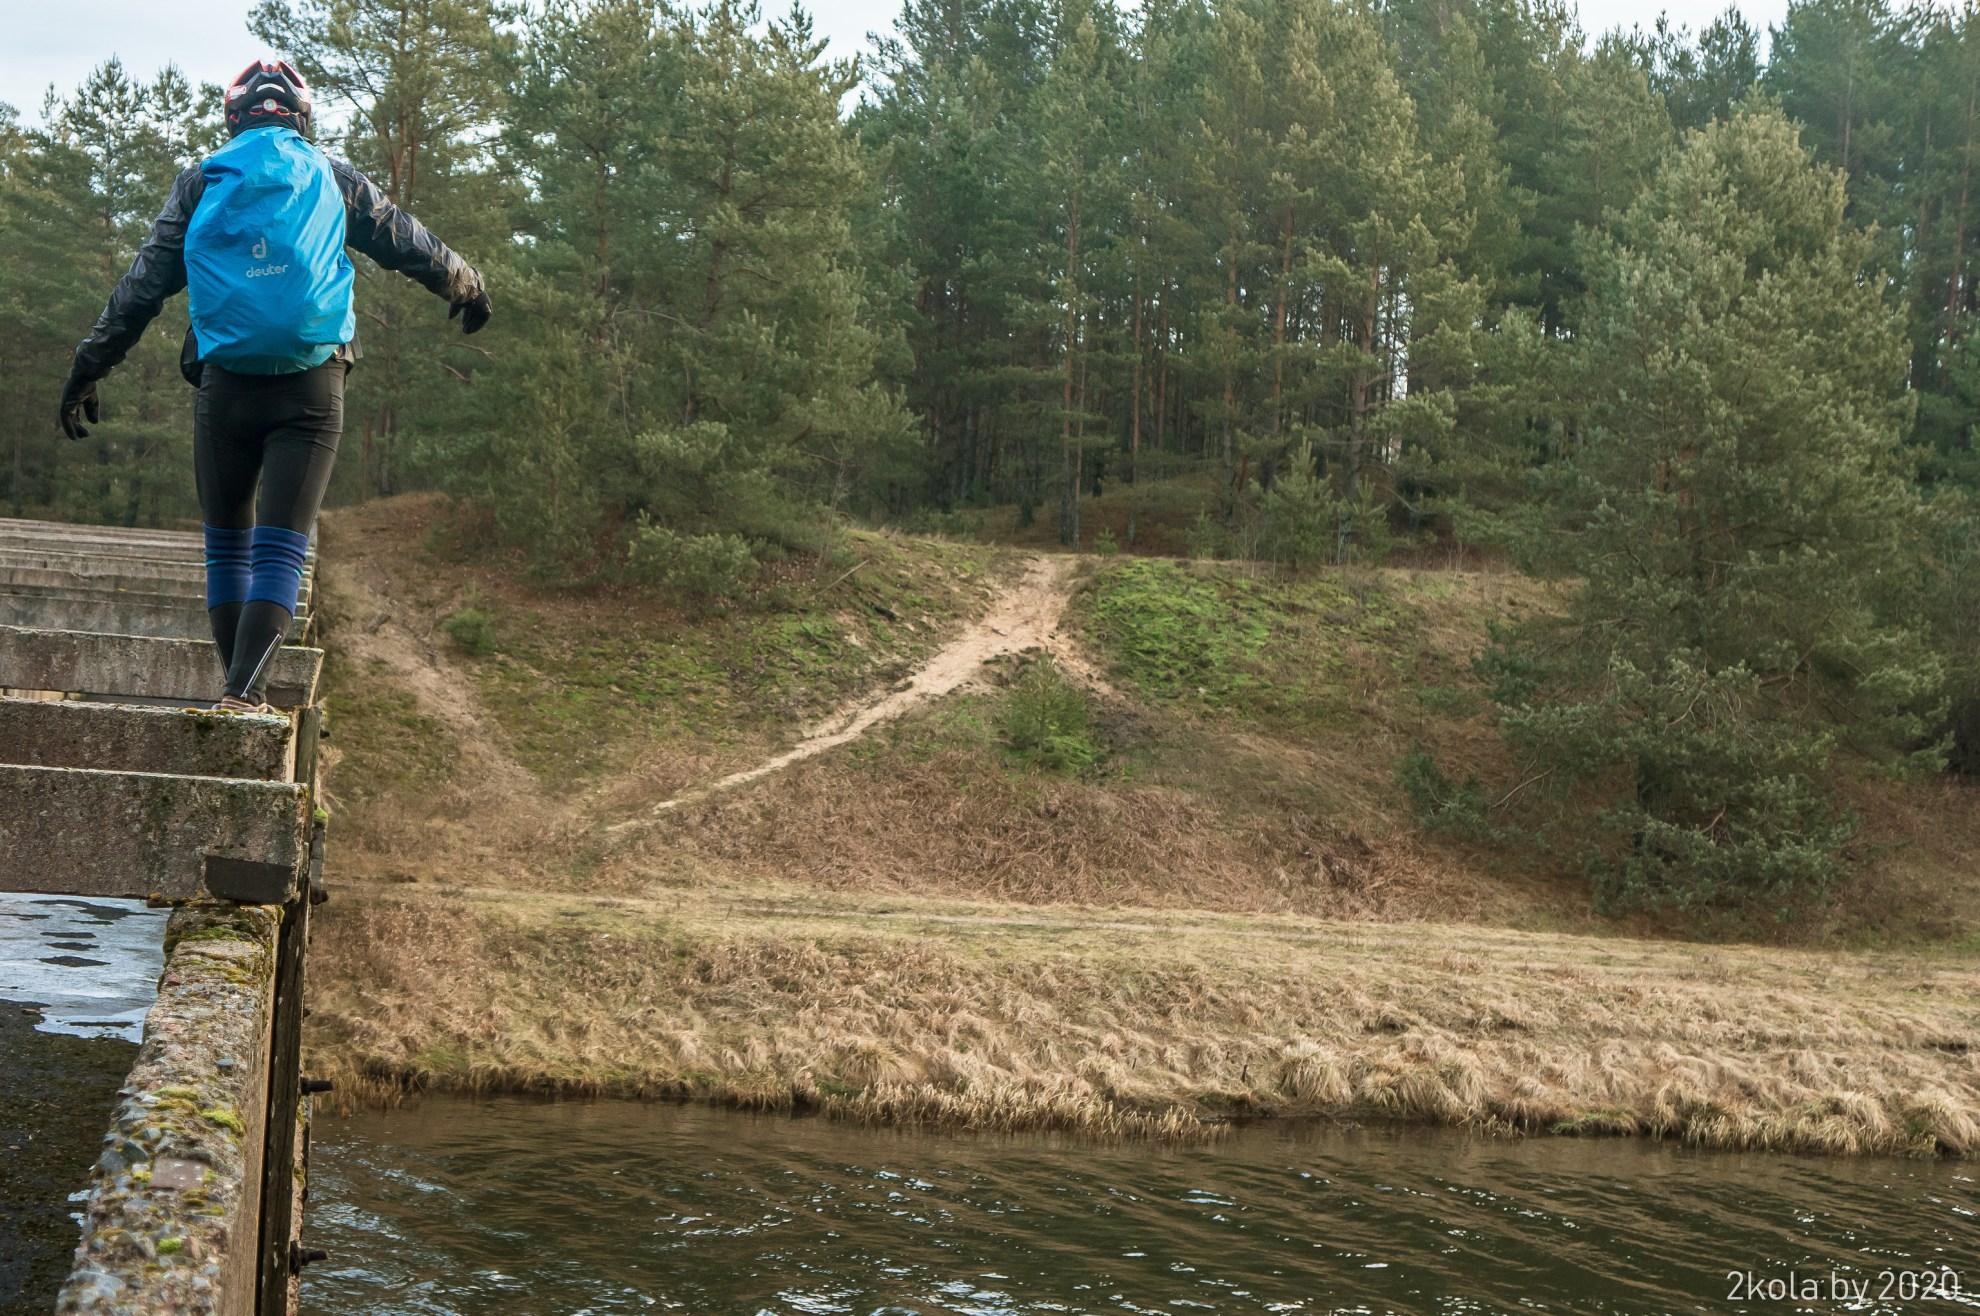 Акведук реки Конотопка канала Вилейско-Минская водной системы